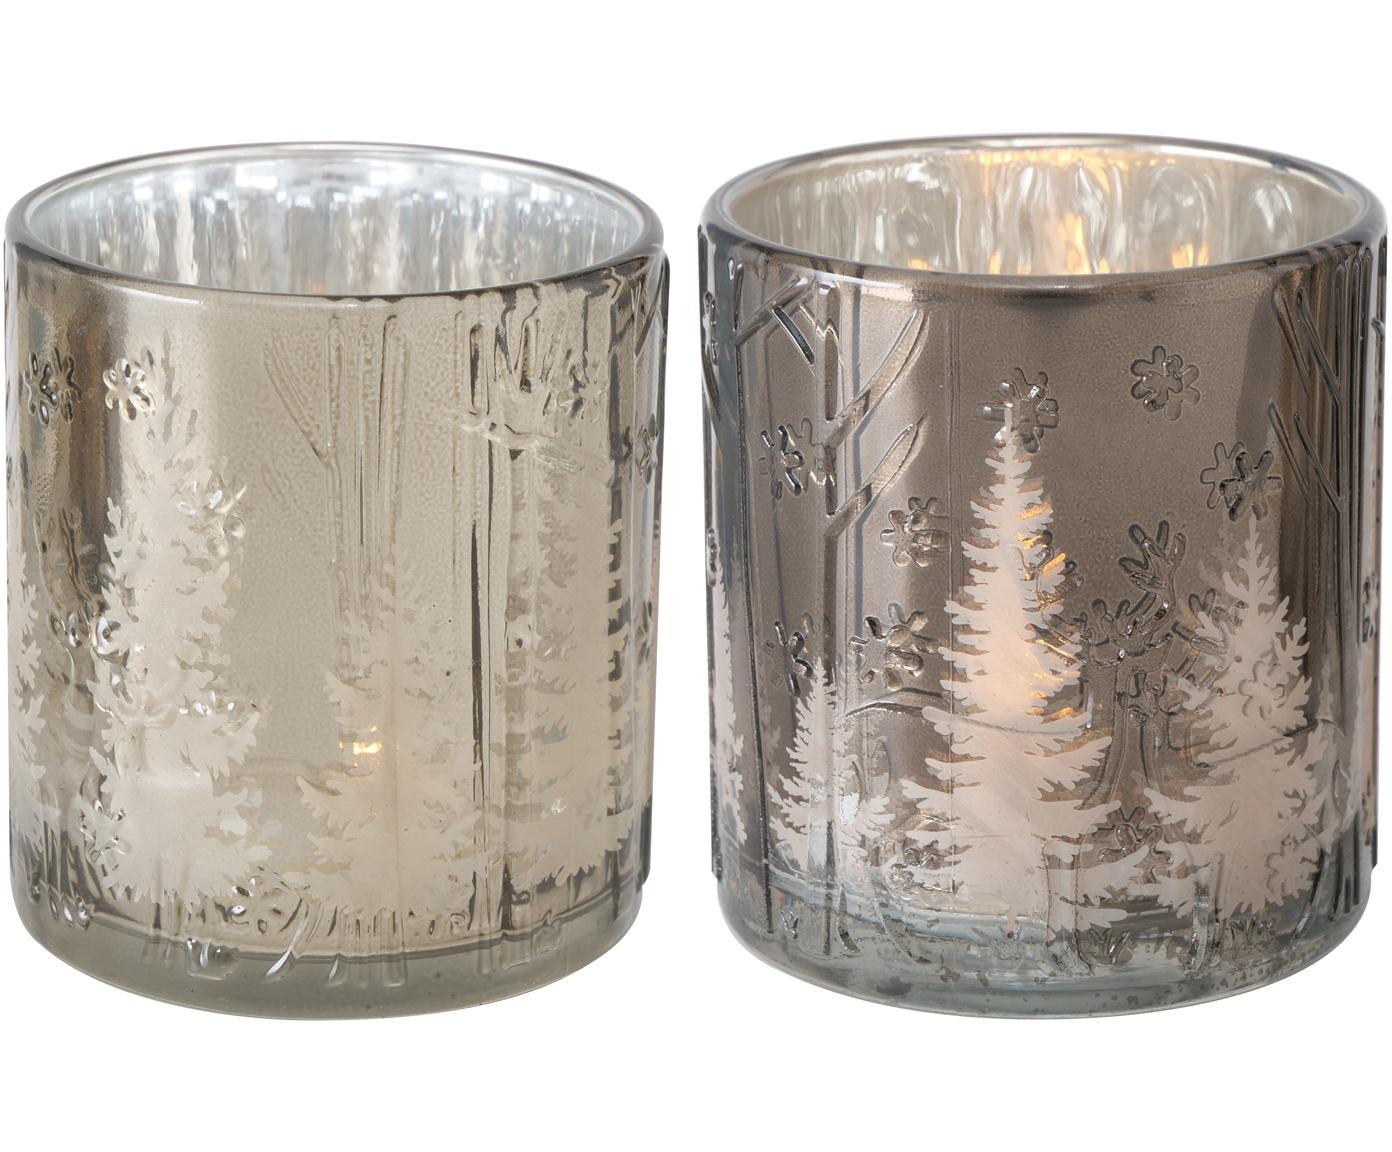 Teelicht-Set Skage, 2-tlg., Glas, lackiert, Silberfarben, Grau, glänzend, Ø 7 x H 8 cm